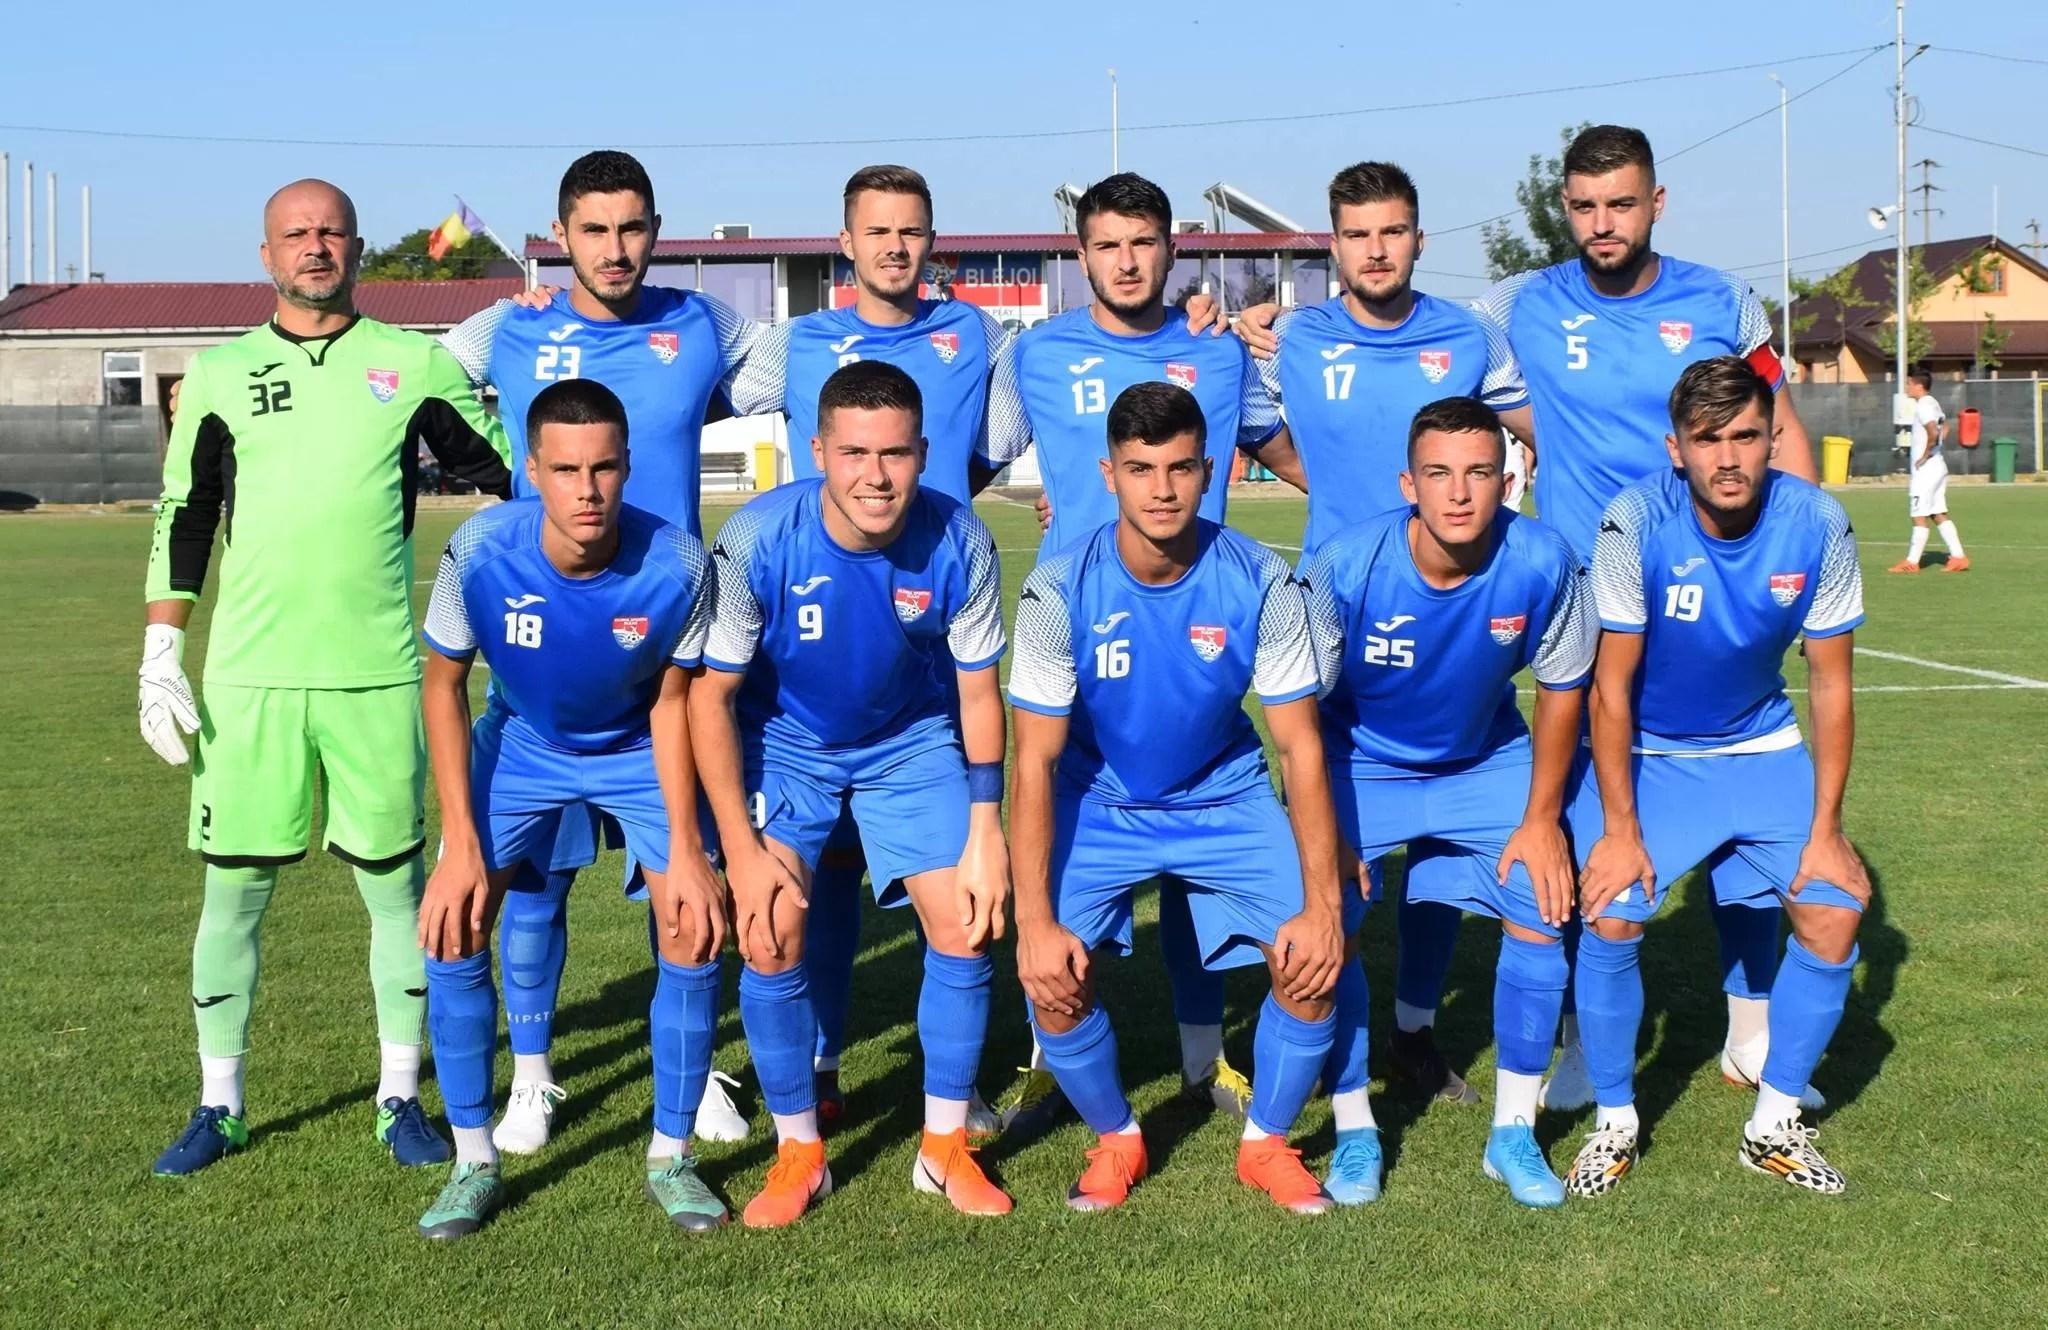 """De ce nu a câștigat CS Blejoi un meci de debut în L3 pe care l-a pornit """"pe pistol"""". Al treilea eșalon național este totuși altceva decât Liga A Prahova!"""